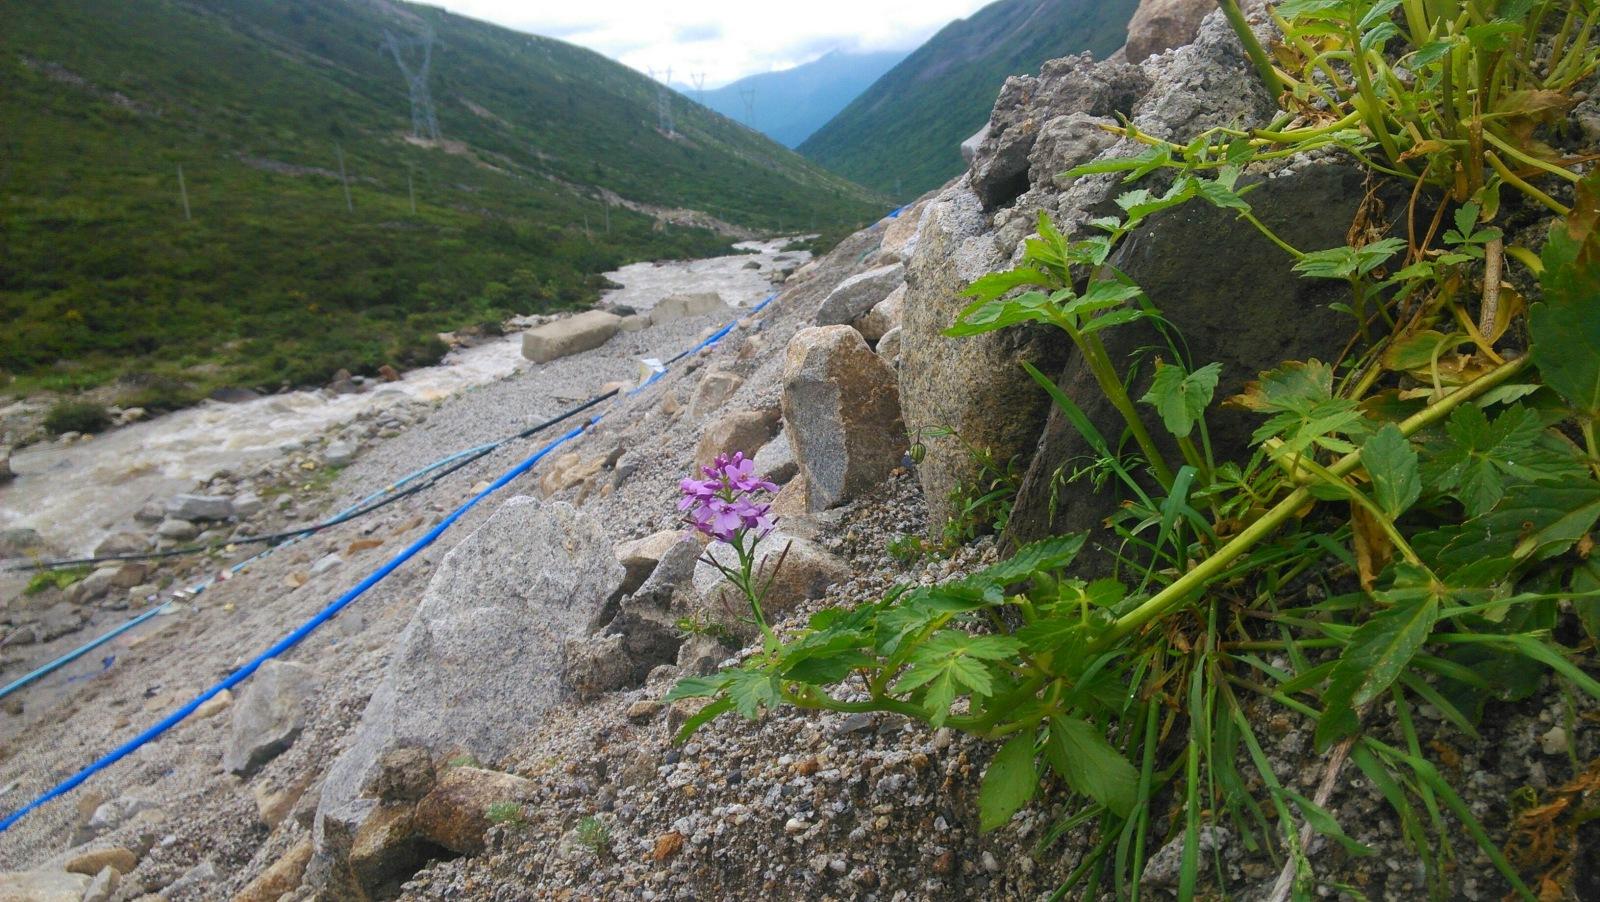 这荒山野岭的石坡上,居然有朵花儿!不小心被我看到了哈哈